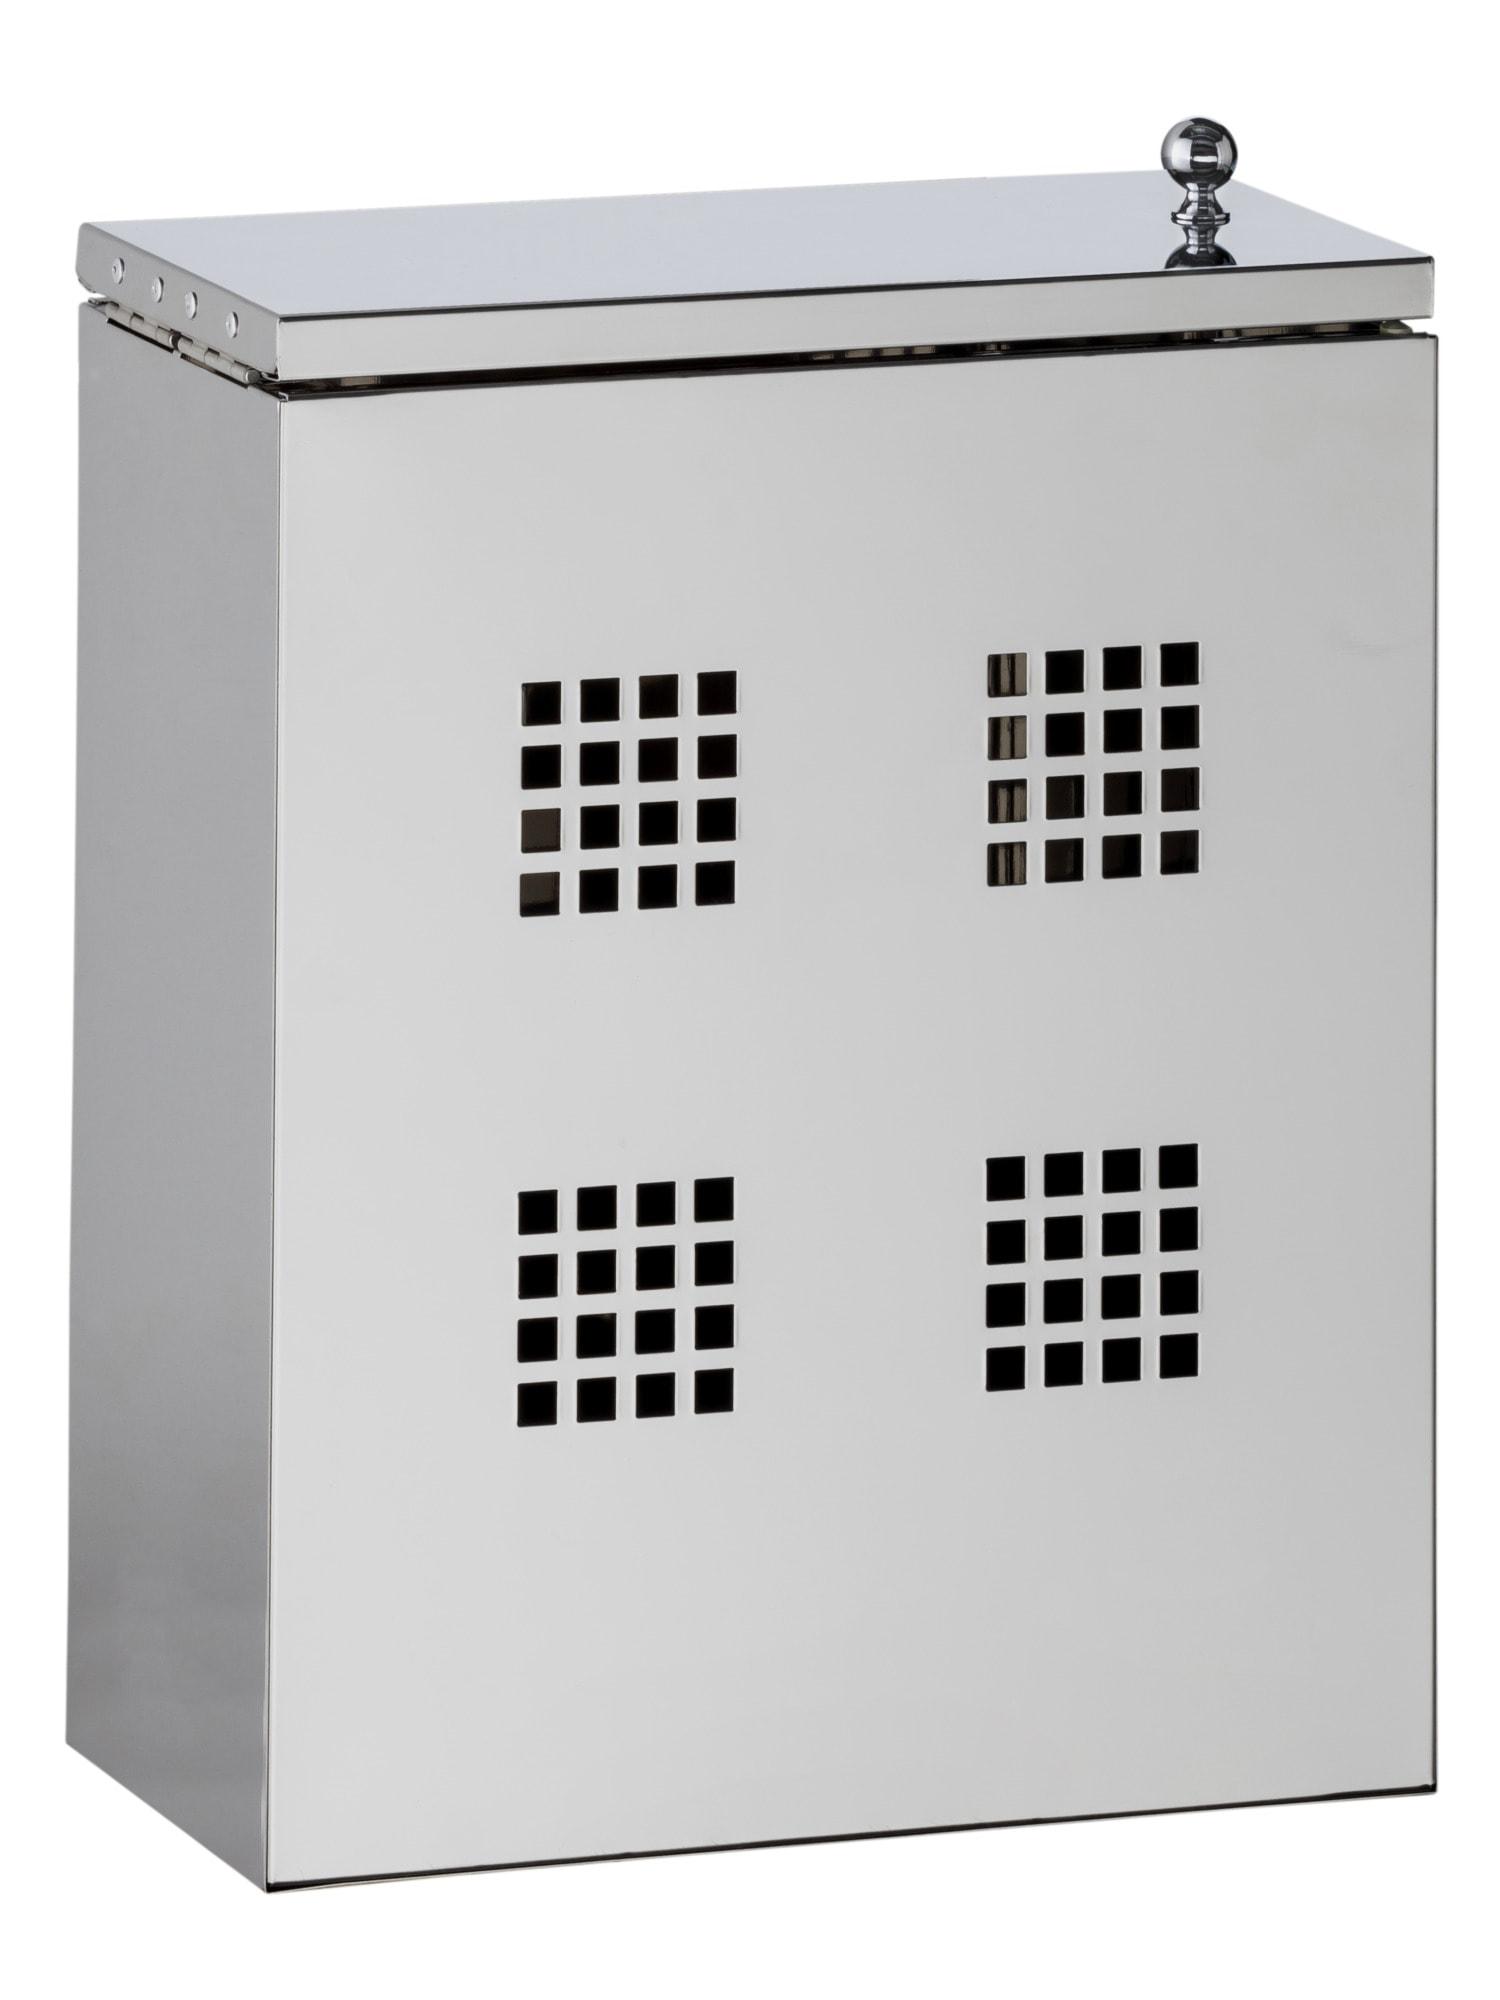 Heine Home Putzmittelbehälter aus Edelstahl grau Küchen-Ordnungshelfer Küchenhelfer Küche Haushaltshelfer